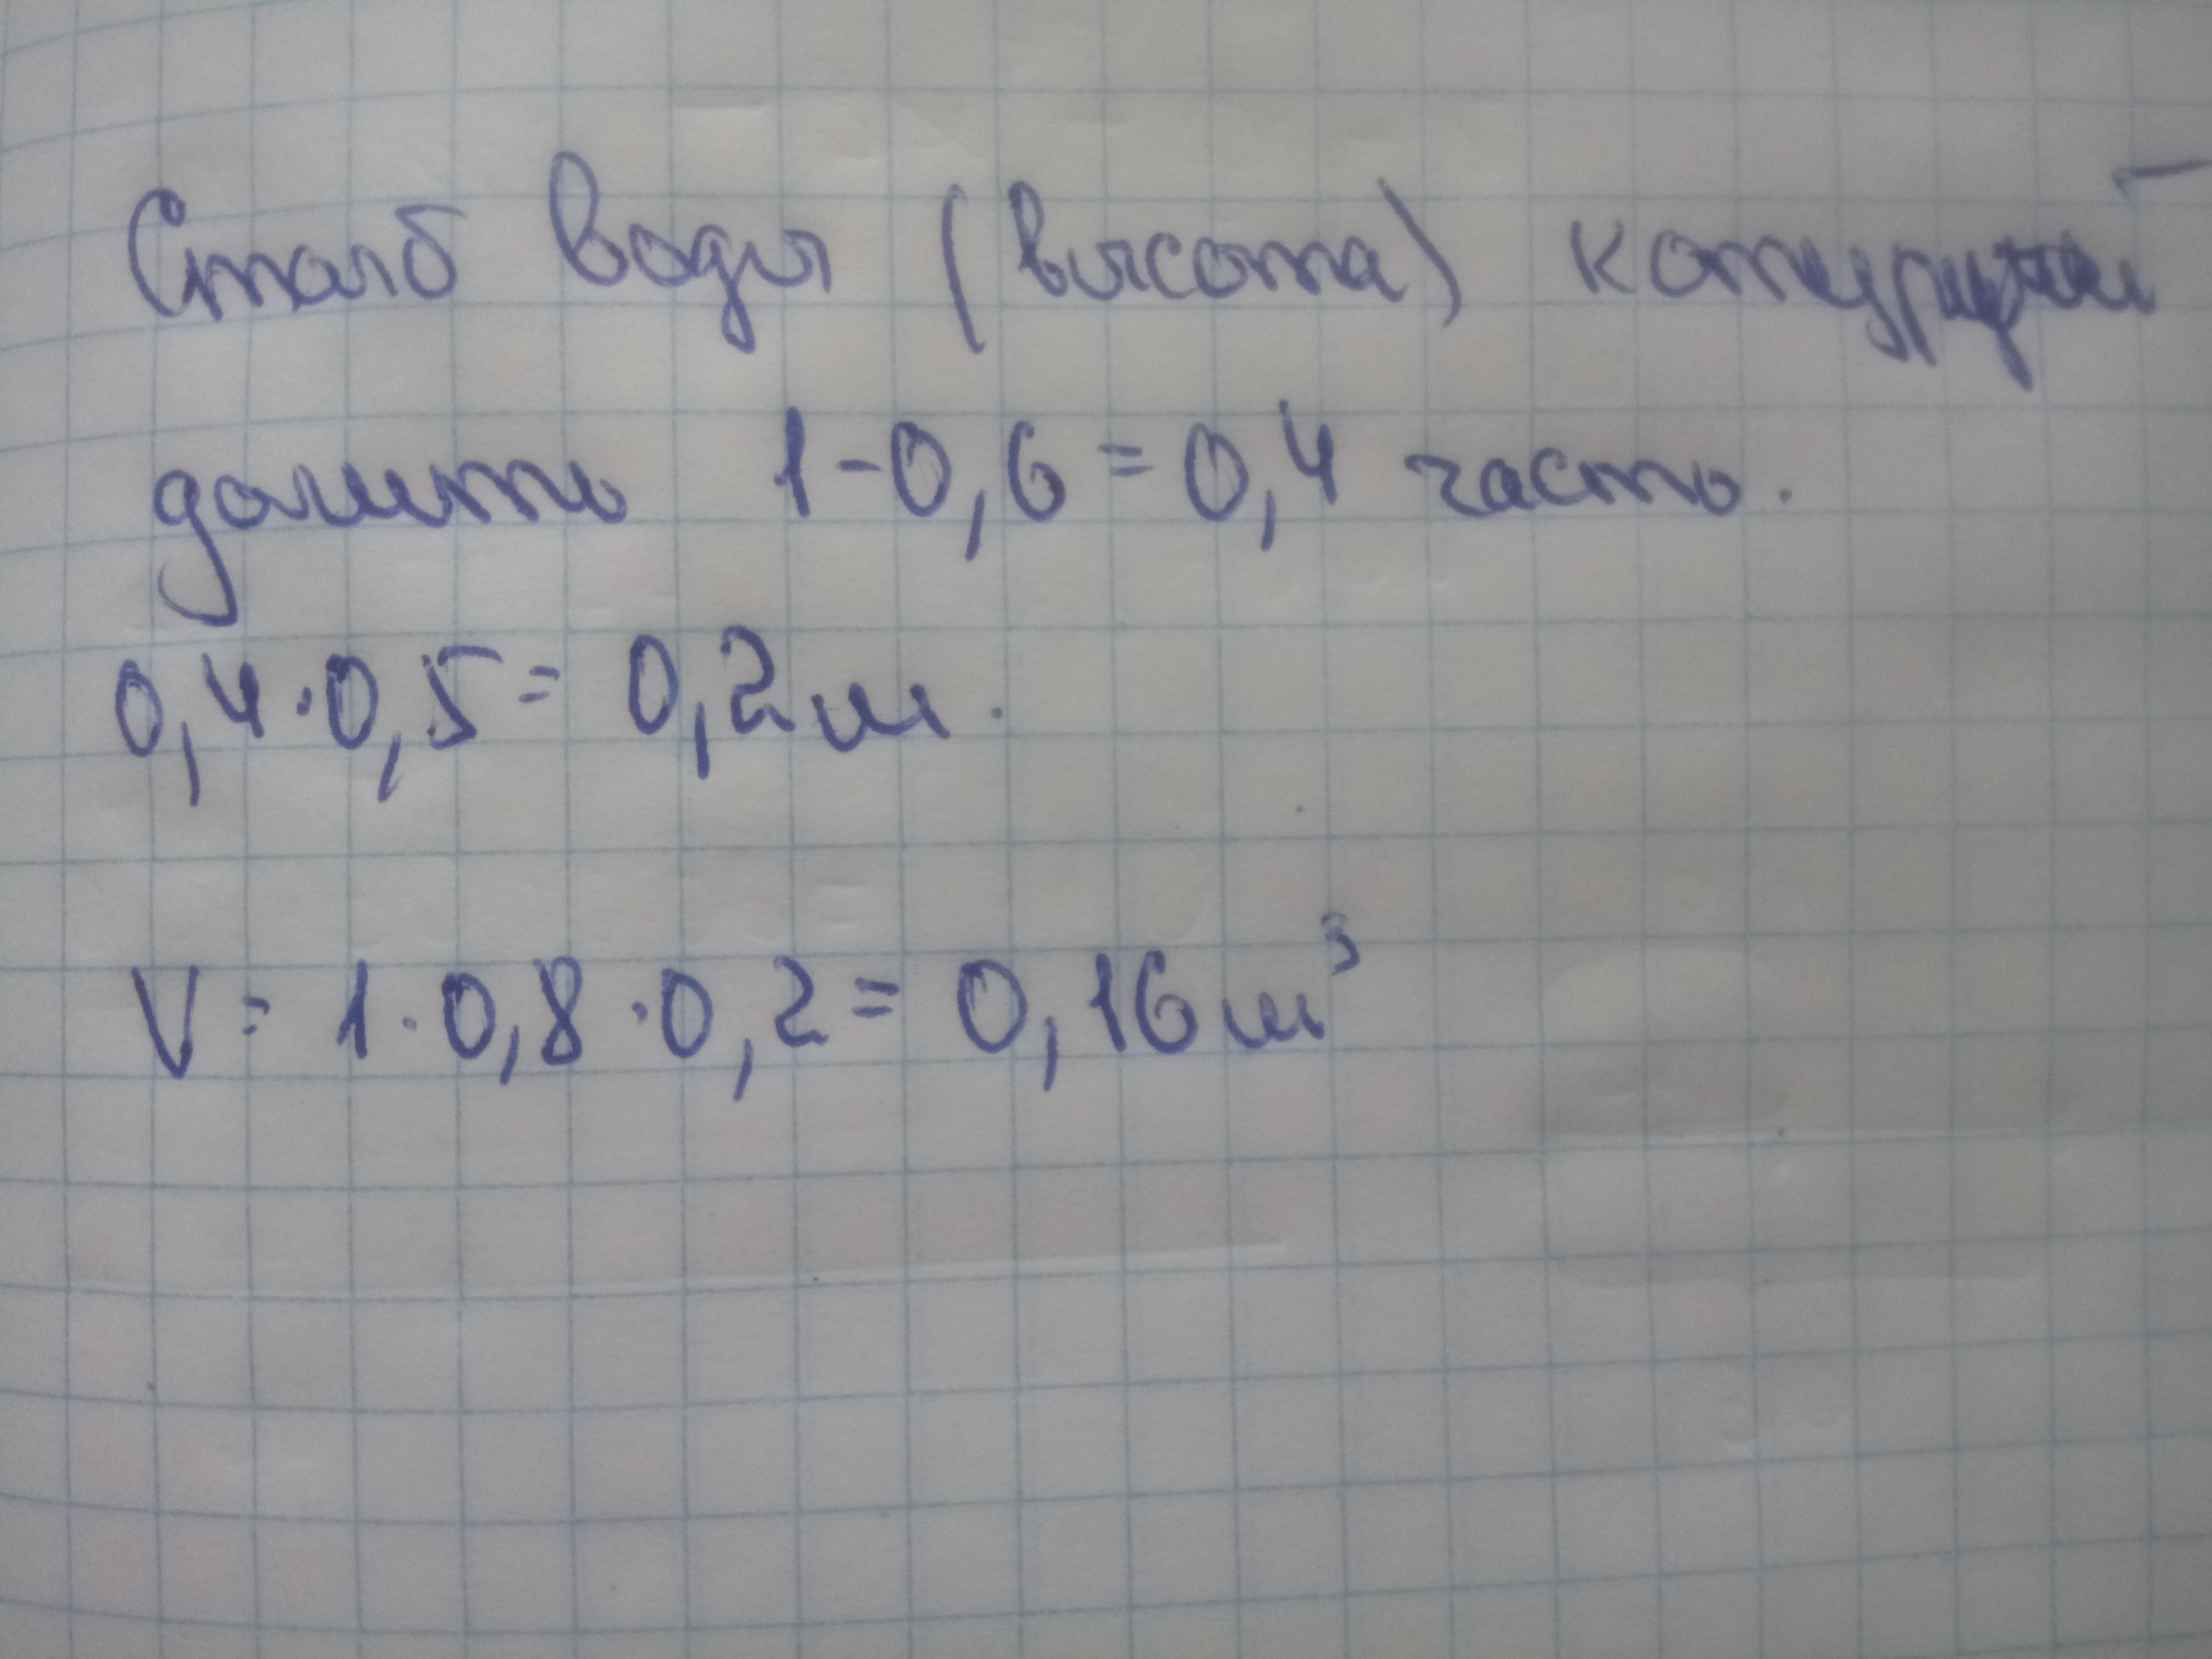 Аквариум прямоугольной формы наполнен водой до 0.6